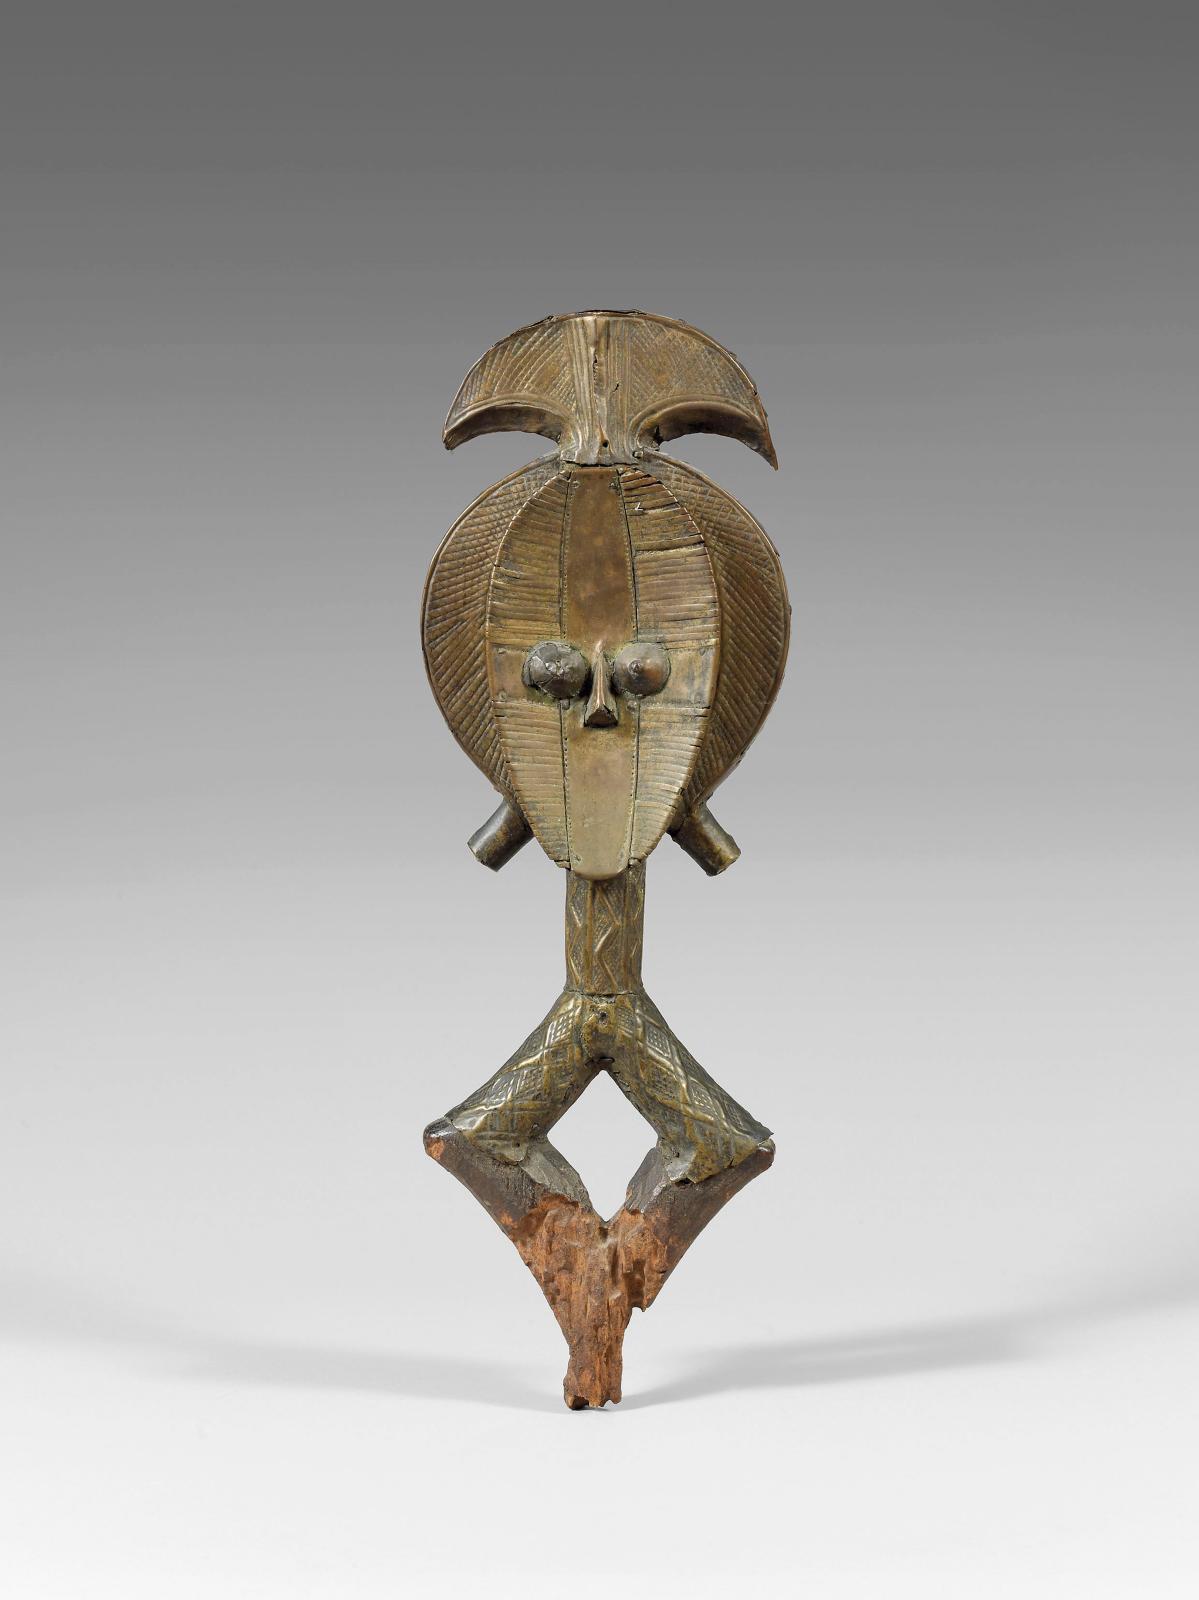 Expertisée par Jean Roudillon, cette figure de reliquaire kota du Gabon (h.40cm) était adjugée 229250€ à Drouot, le 6 juin 2008 (Drouo